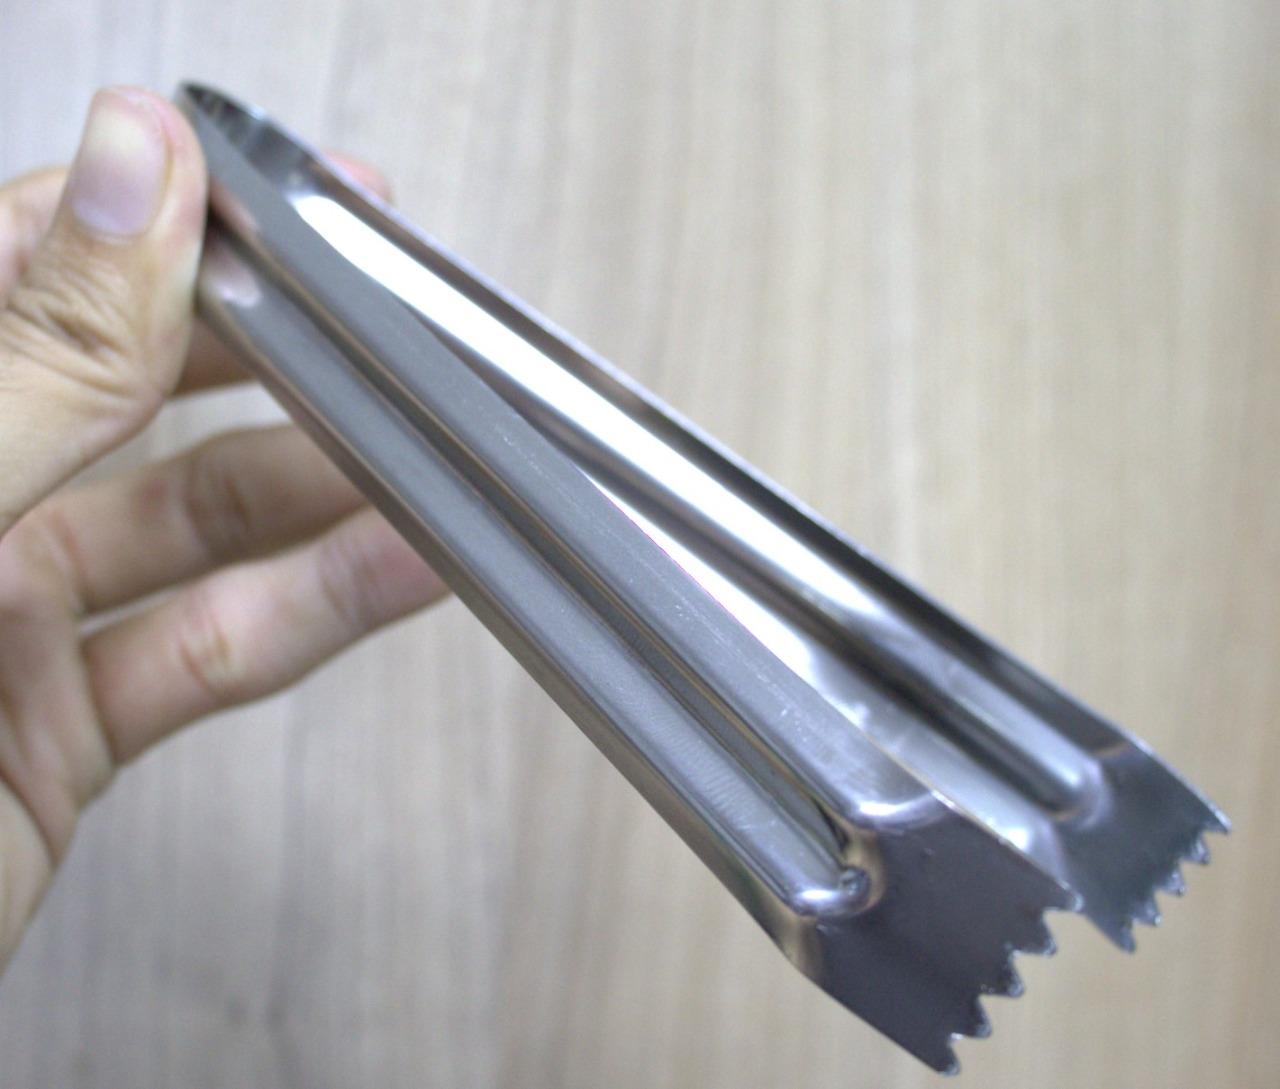 Pegador de gelo salada cozinha pinça culinária aço inox cor 15cm